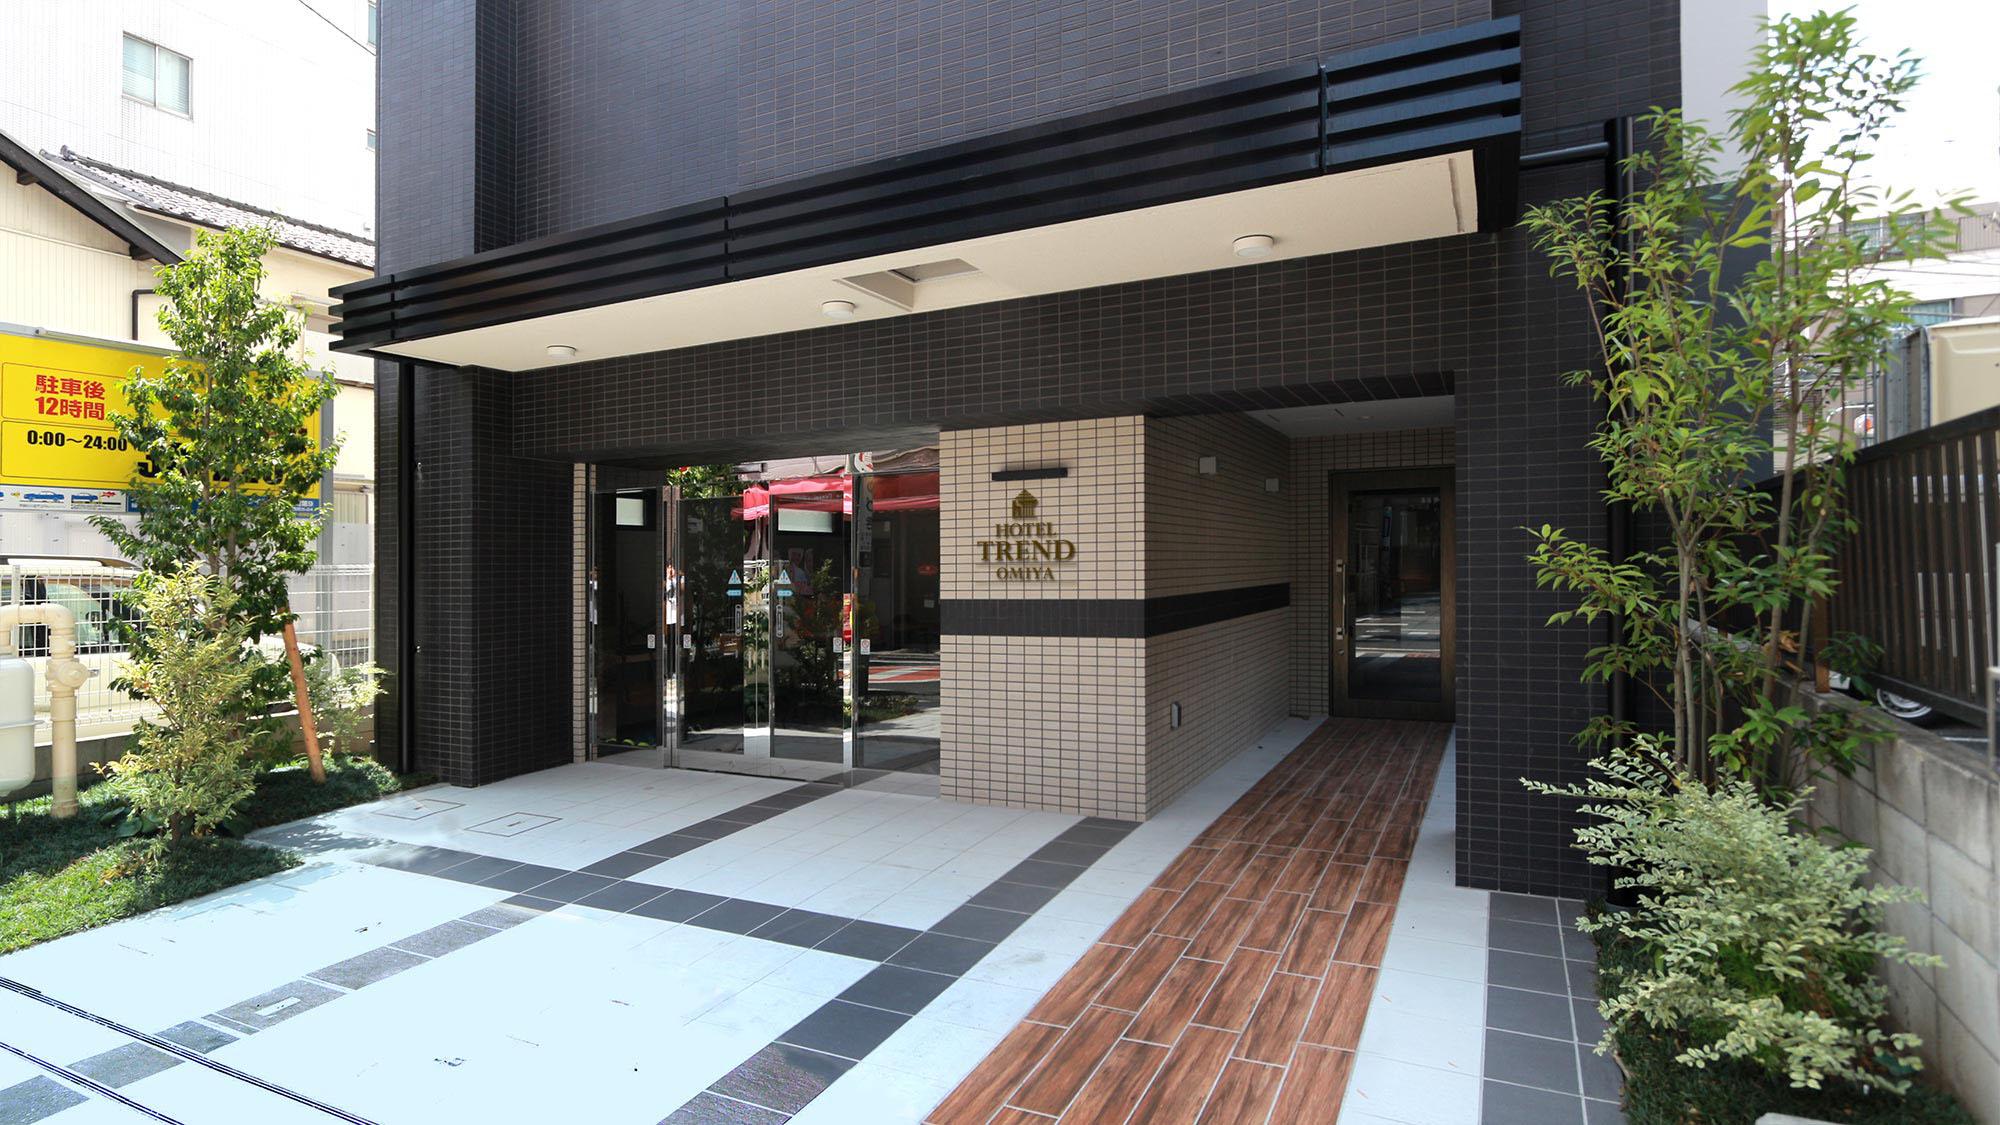 ホテルトレンド大宮(2020年初秋オープン予定)の施設画像